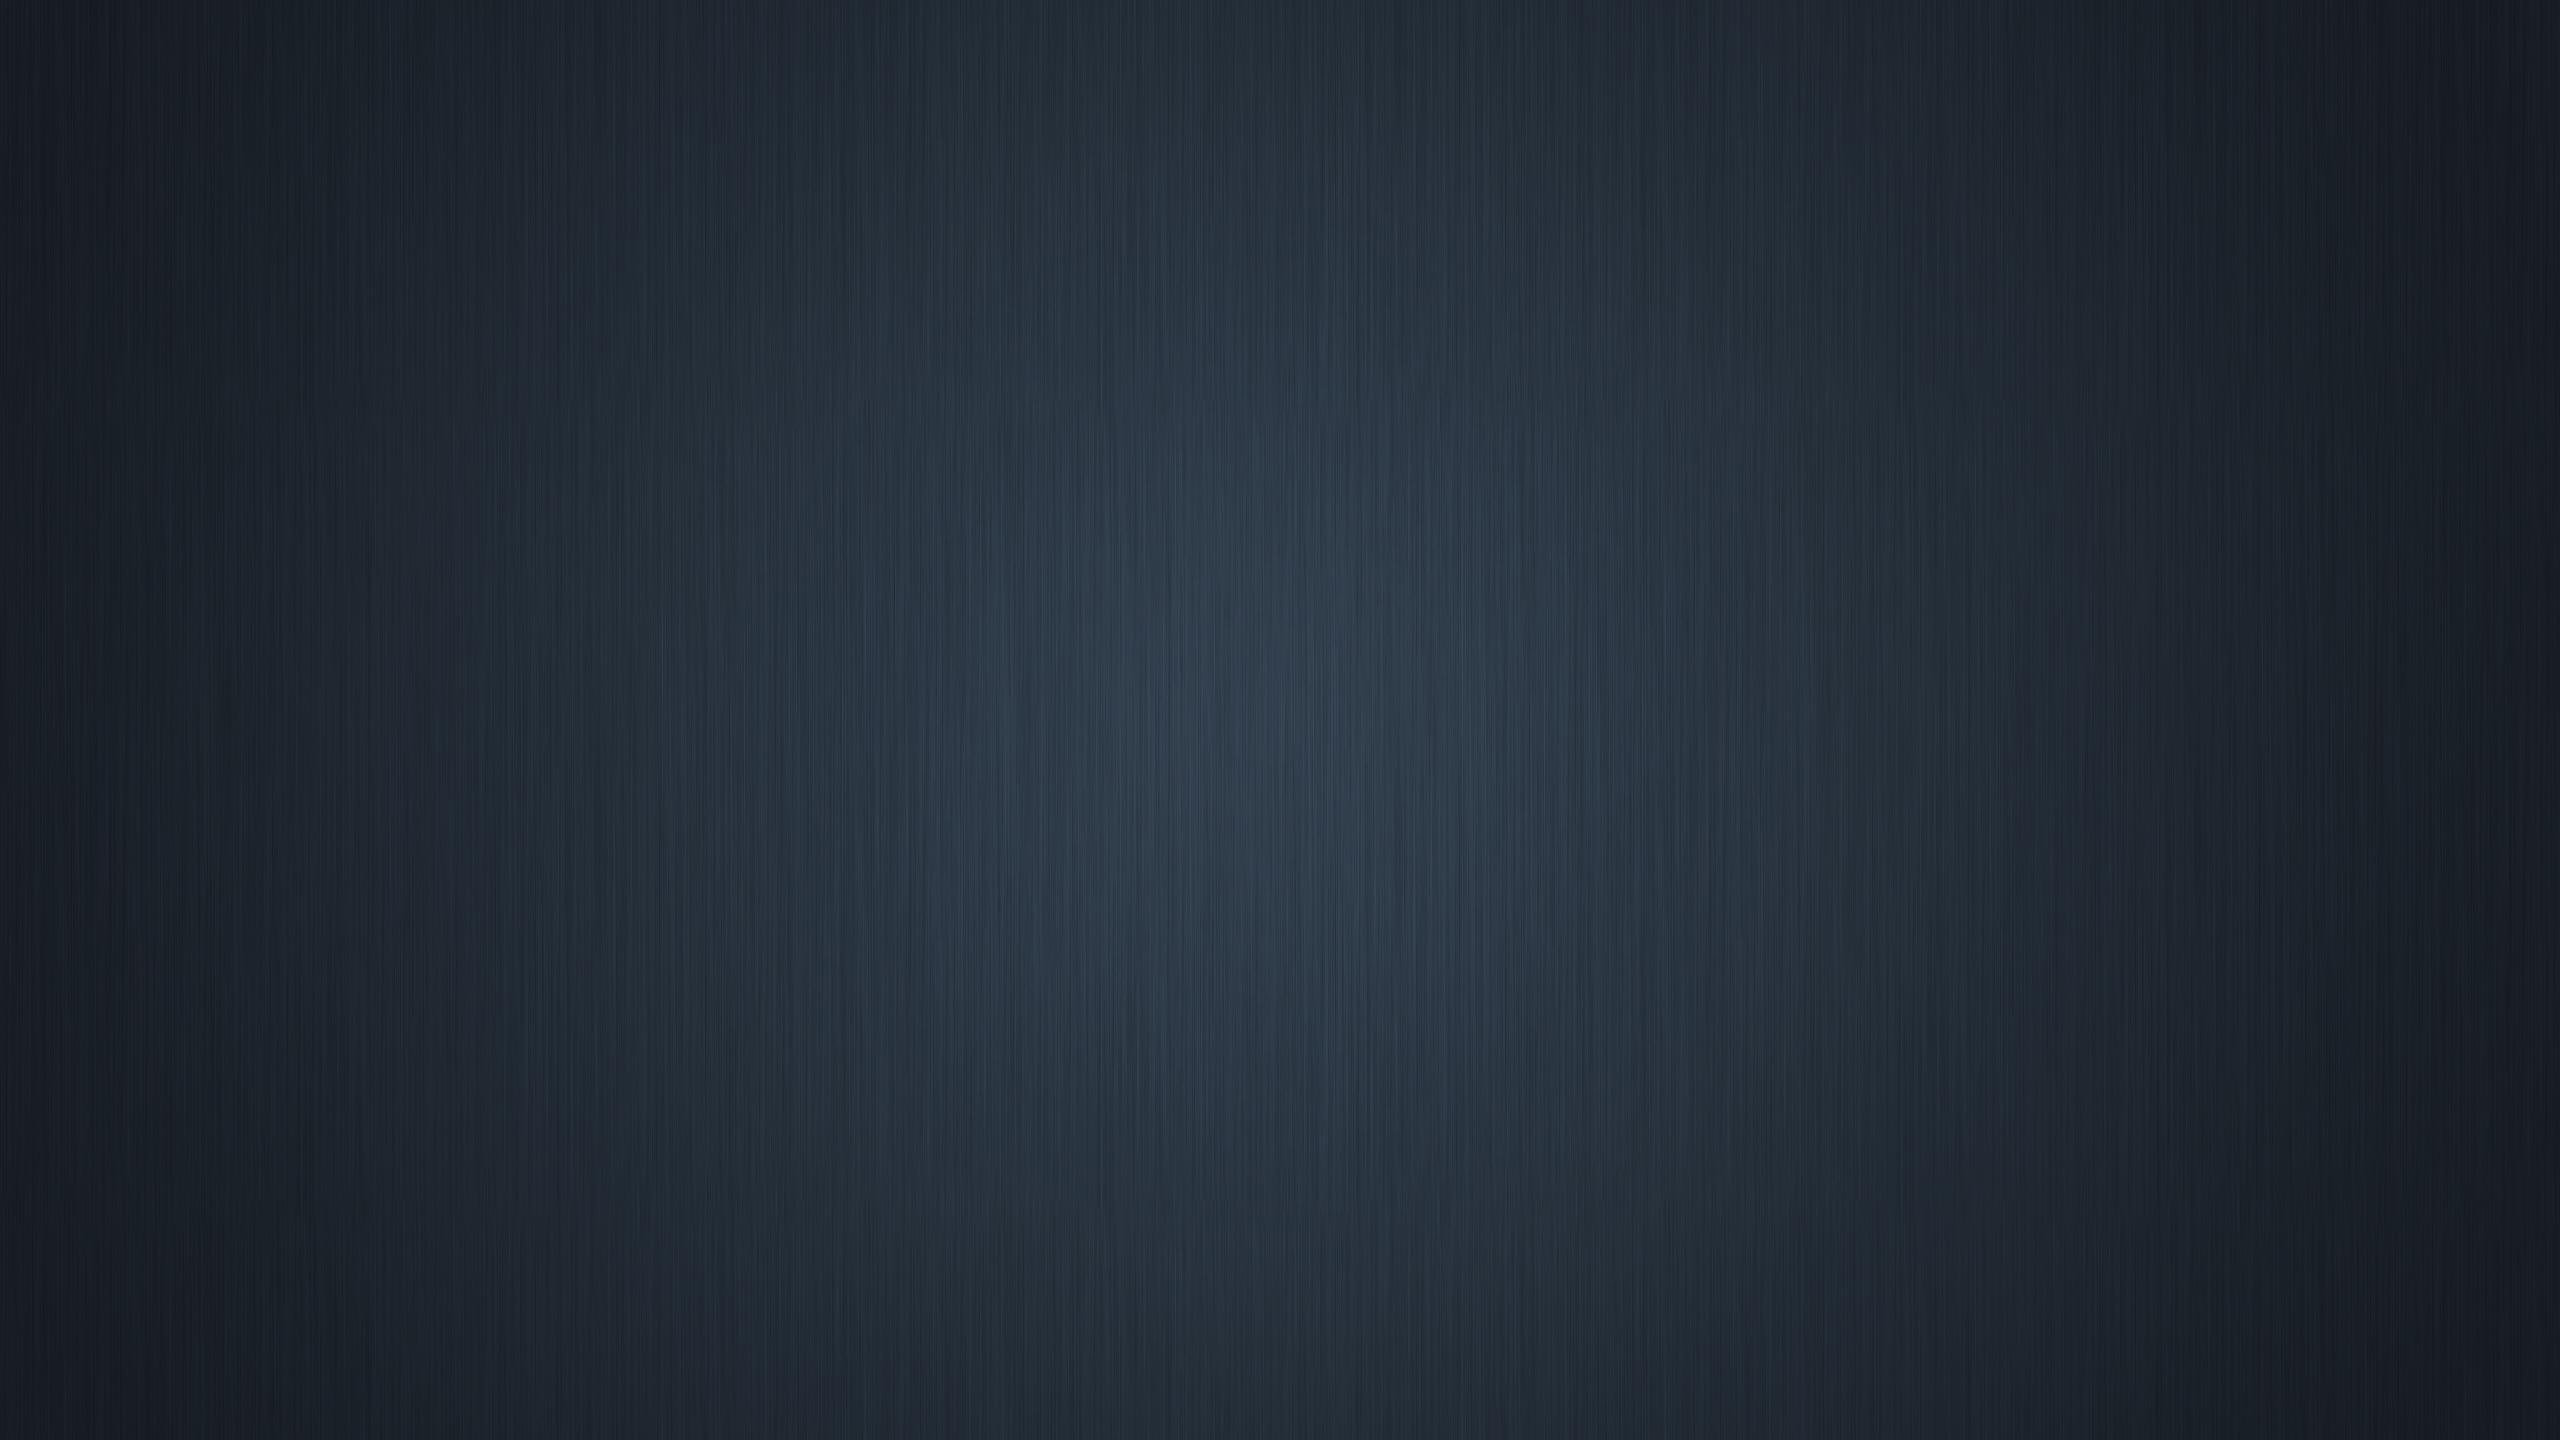 Masaüstü Basit Mavi Gri Boş Basit Arka Plan 2560x1440